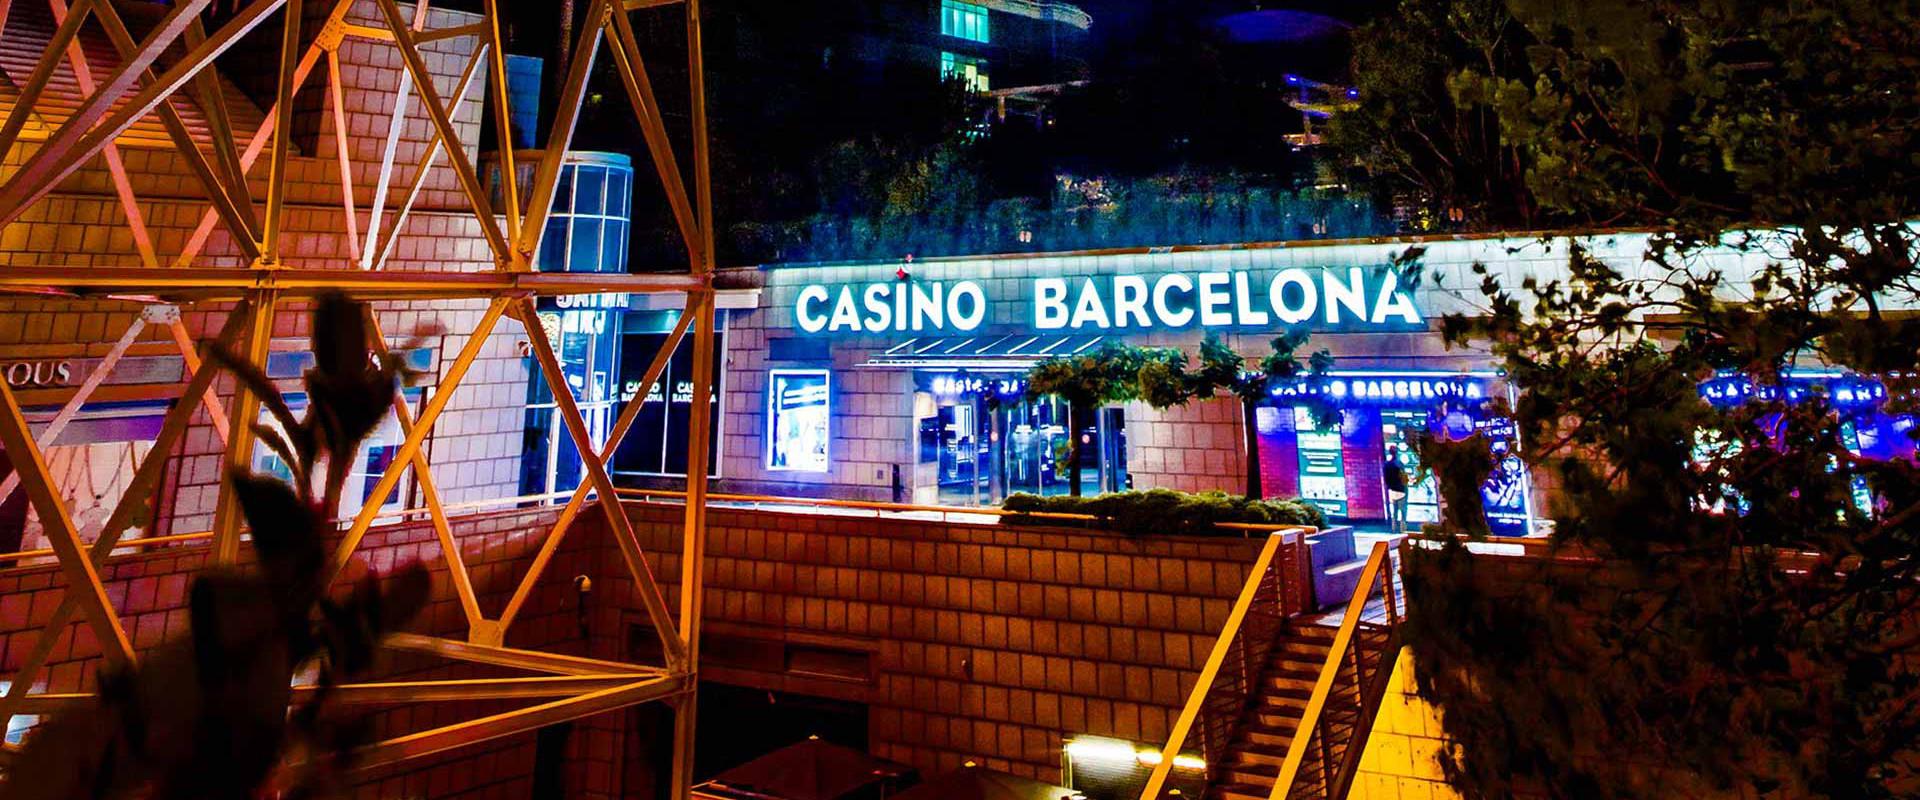 Казино Барселона Клуби, казино кафе ресторанах McDonald кінотеатри в Москві